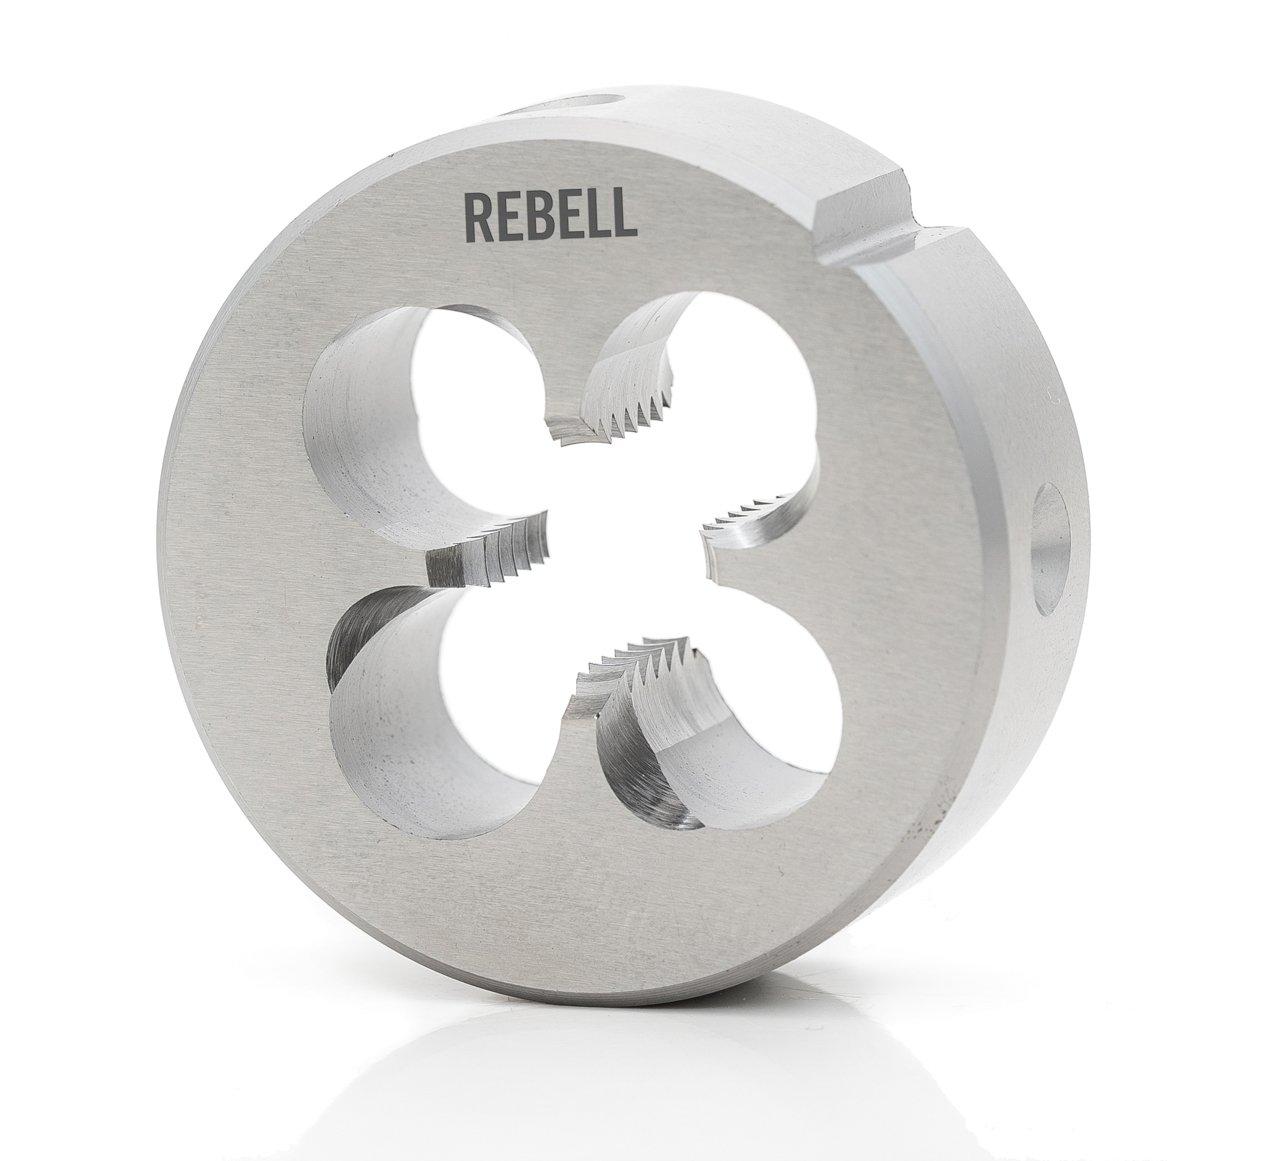 REBELL Schneideisen G RH A HSS geläppt für MS mit Schälanschnitt - EN 24231 - Typ MS